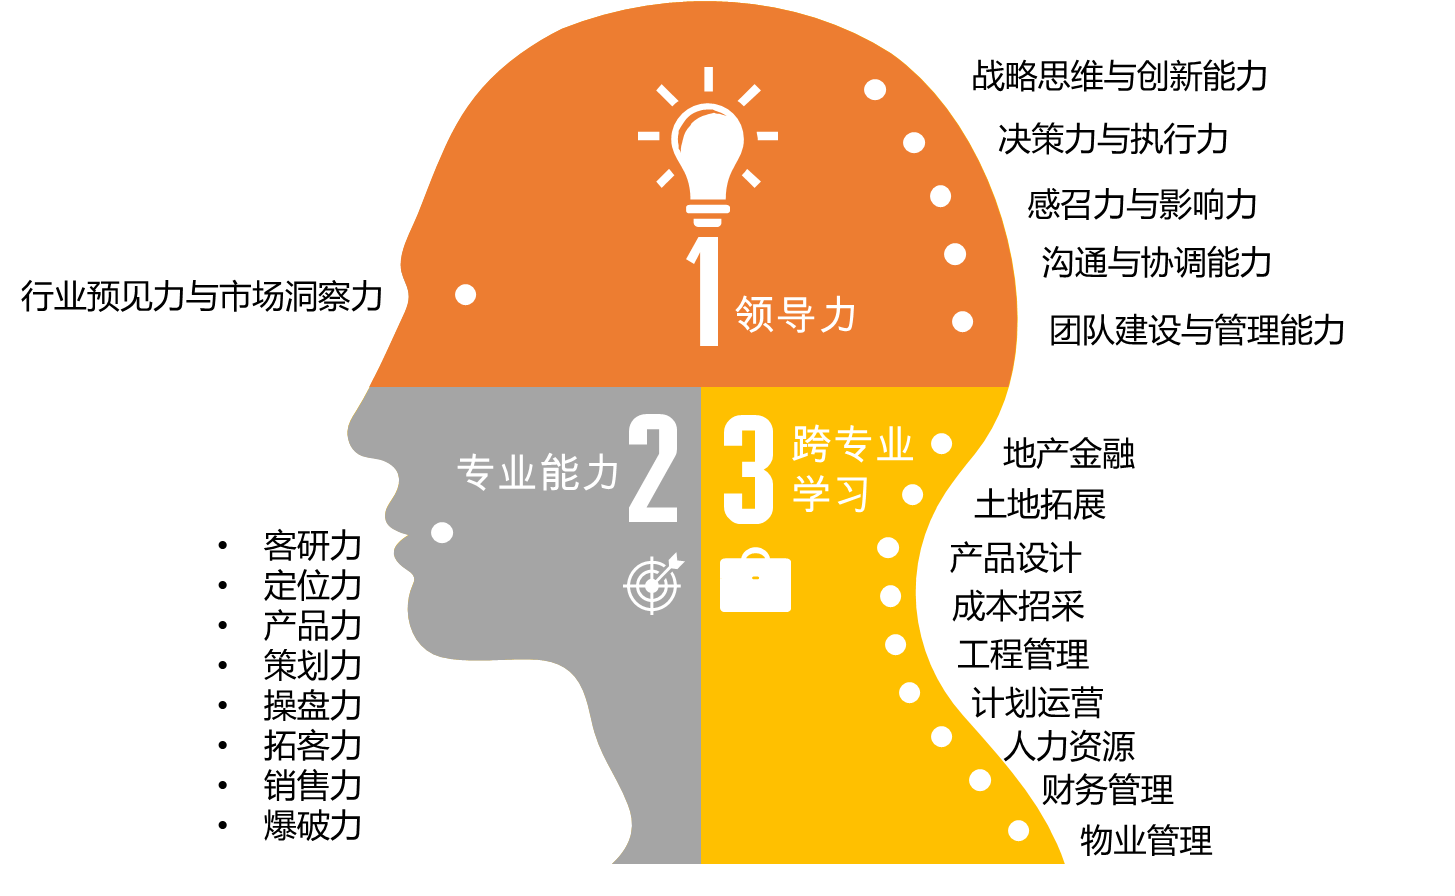 营销总监胜任能力的课程设置模型